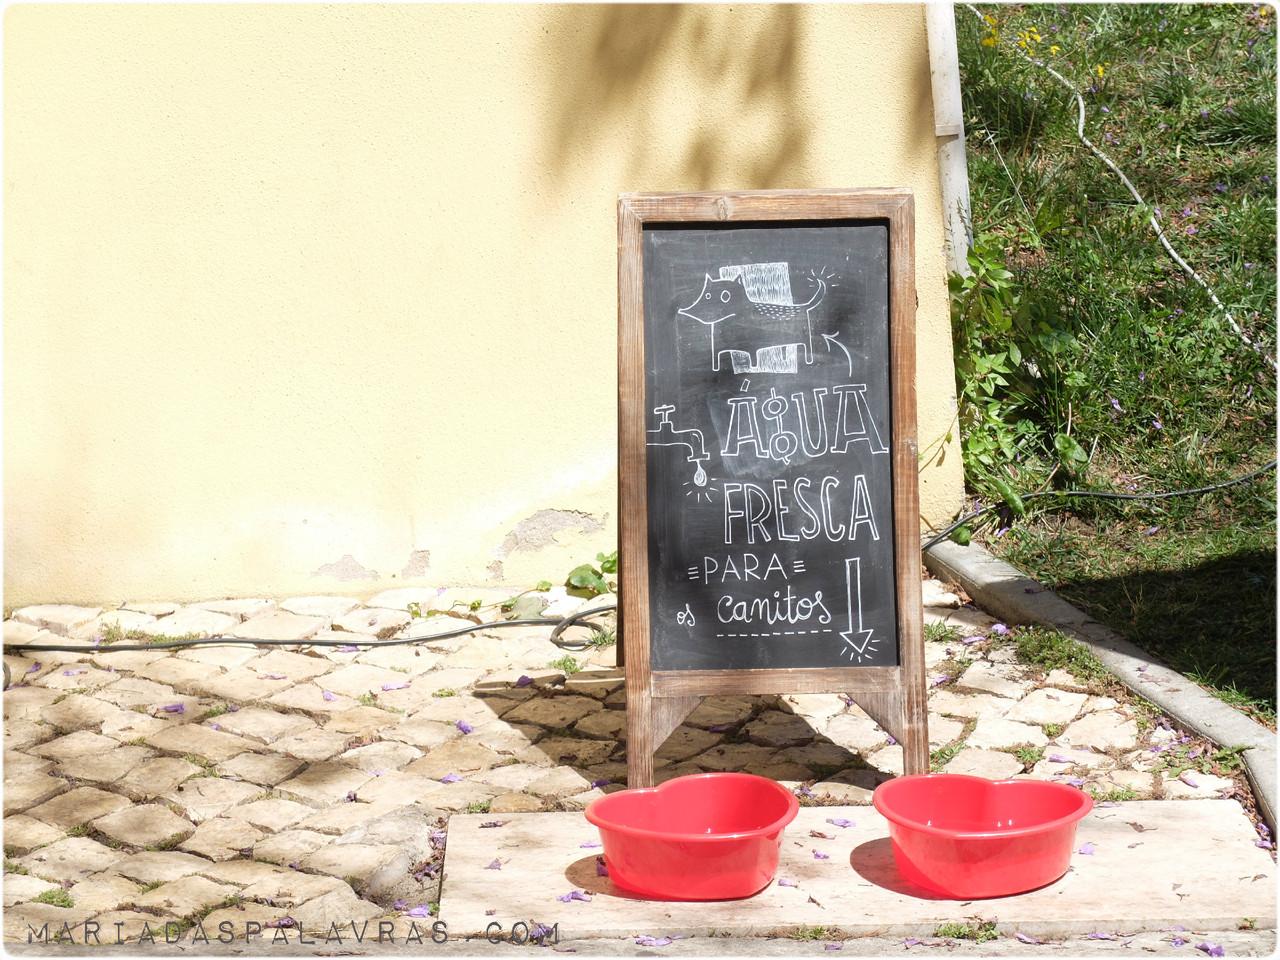 Água para canitos no mercadito do MNHCN  | Foto Maria das Palavras